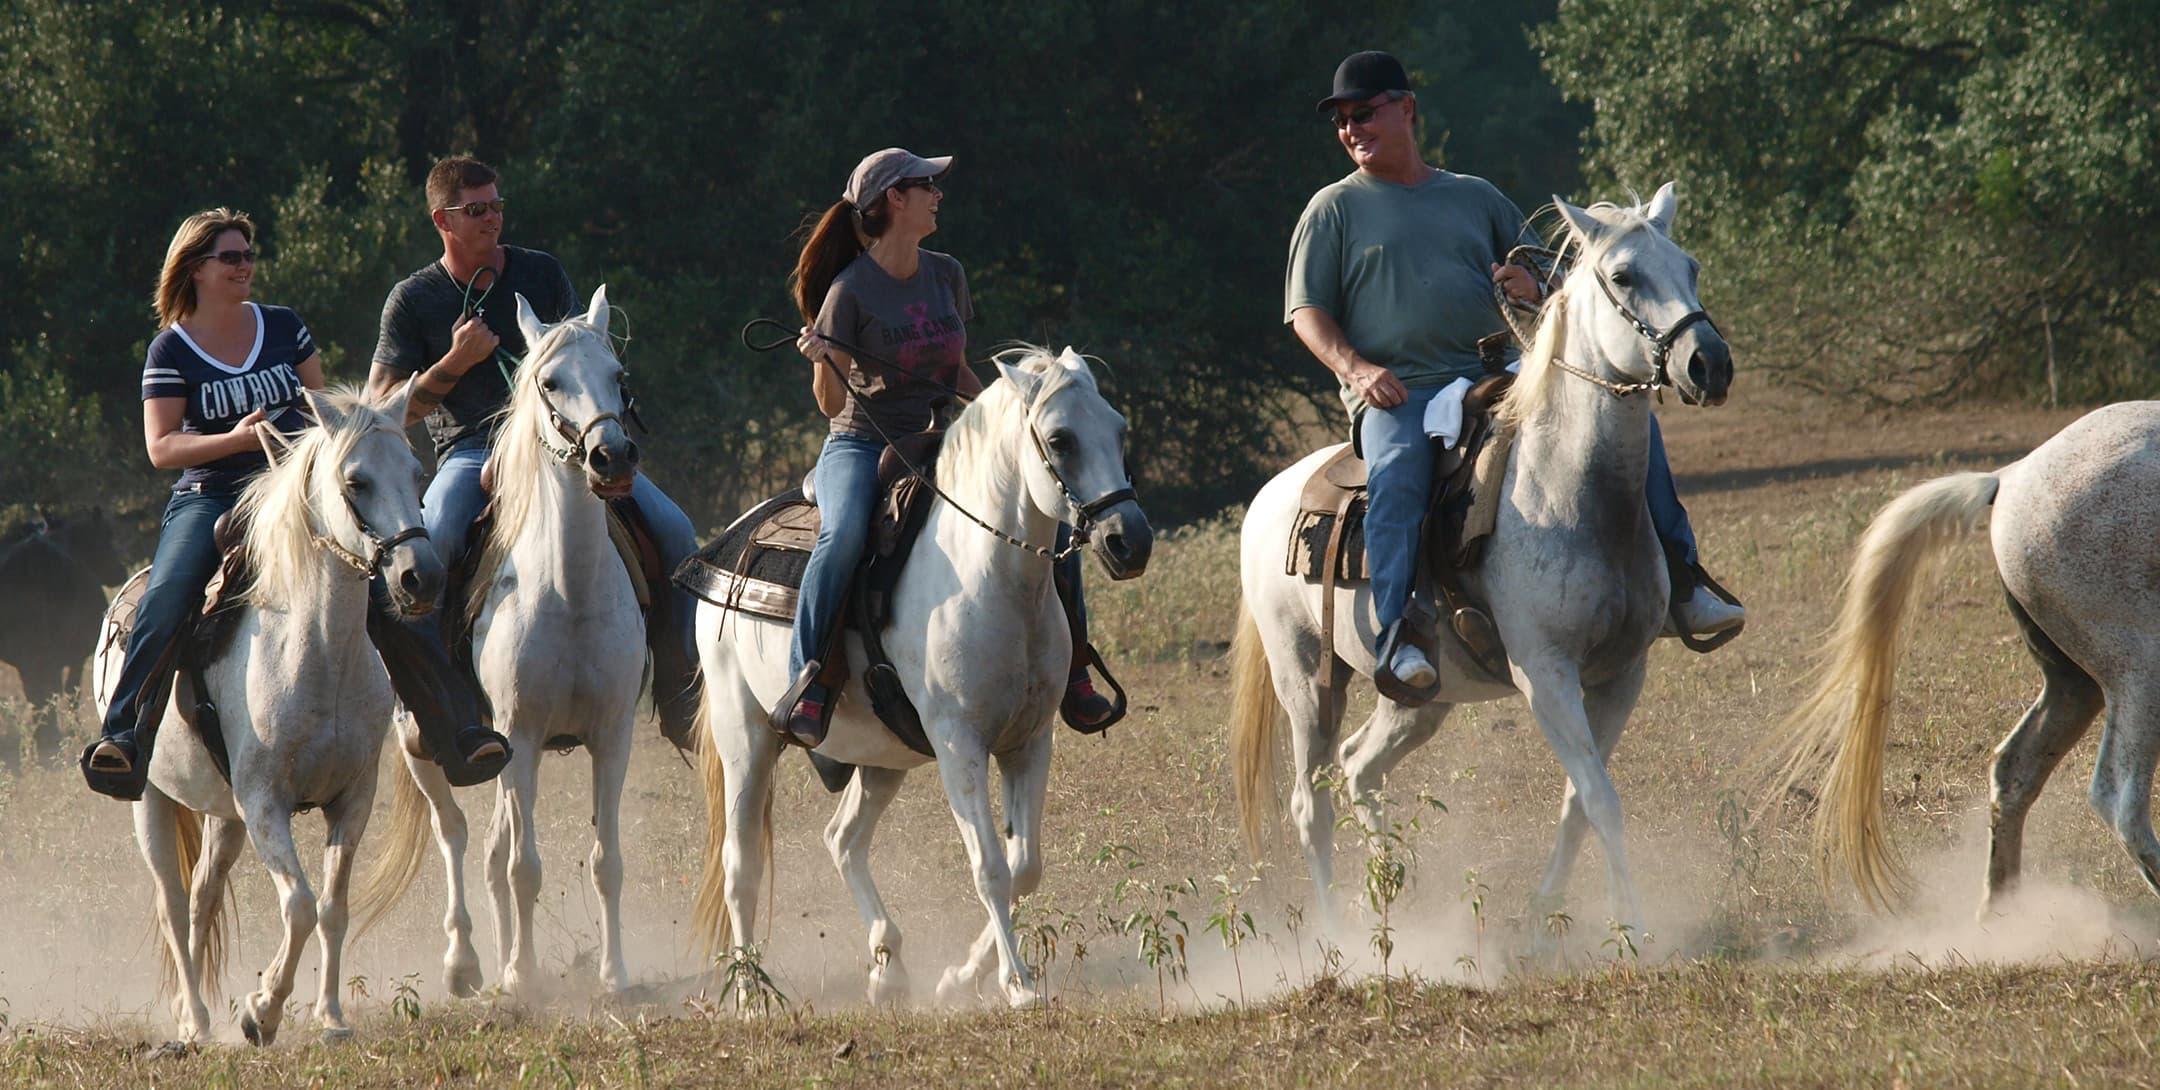 horseback riding group at the ranch